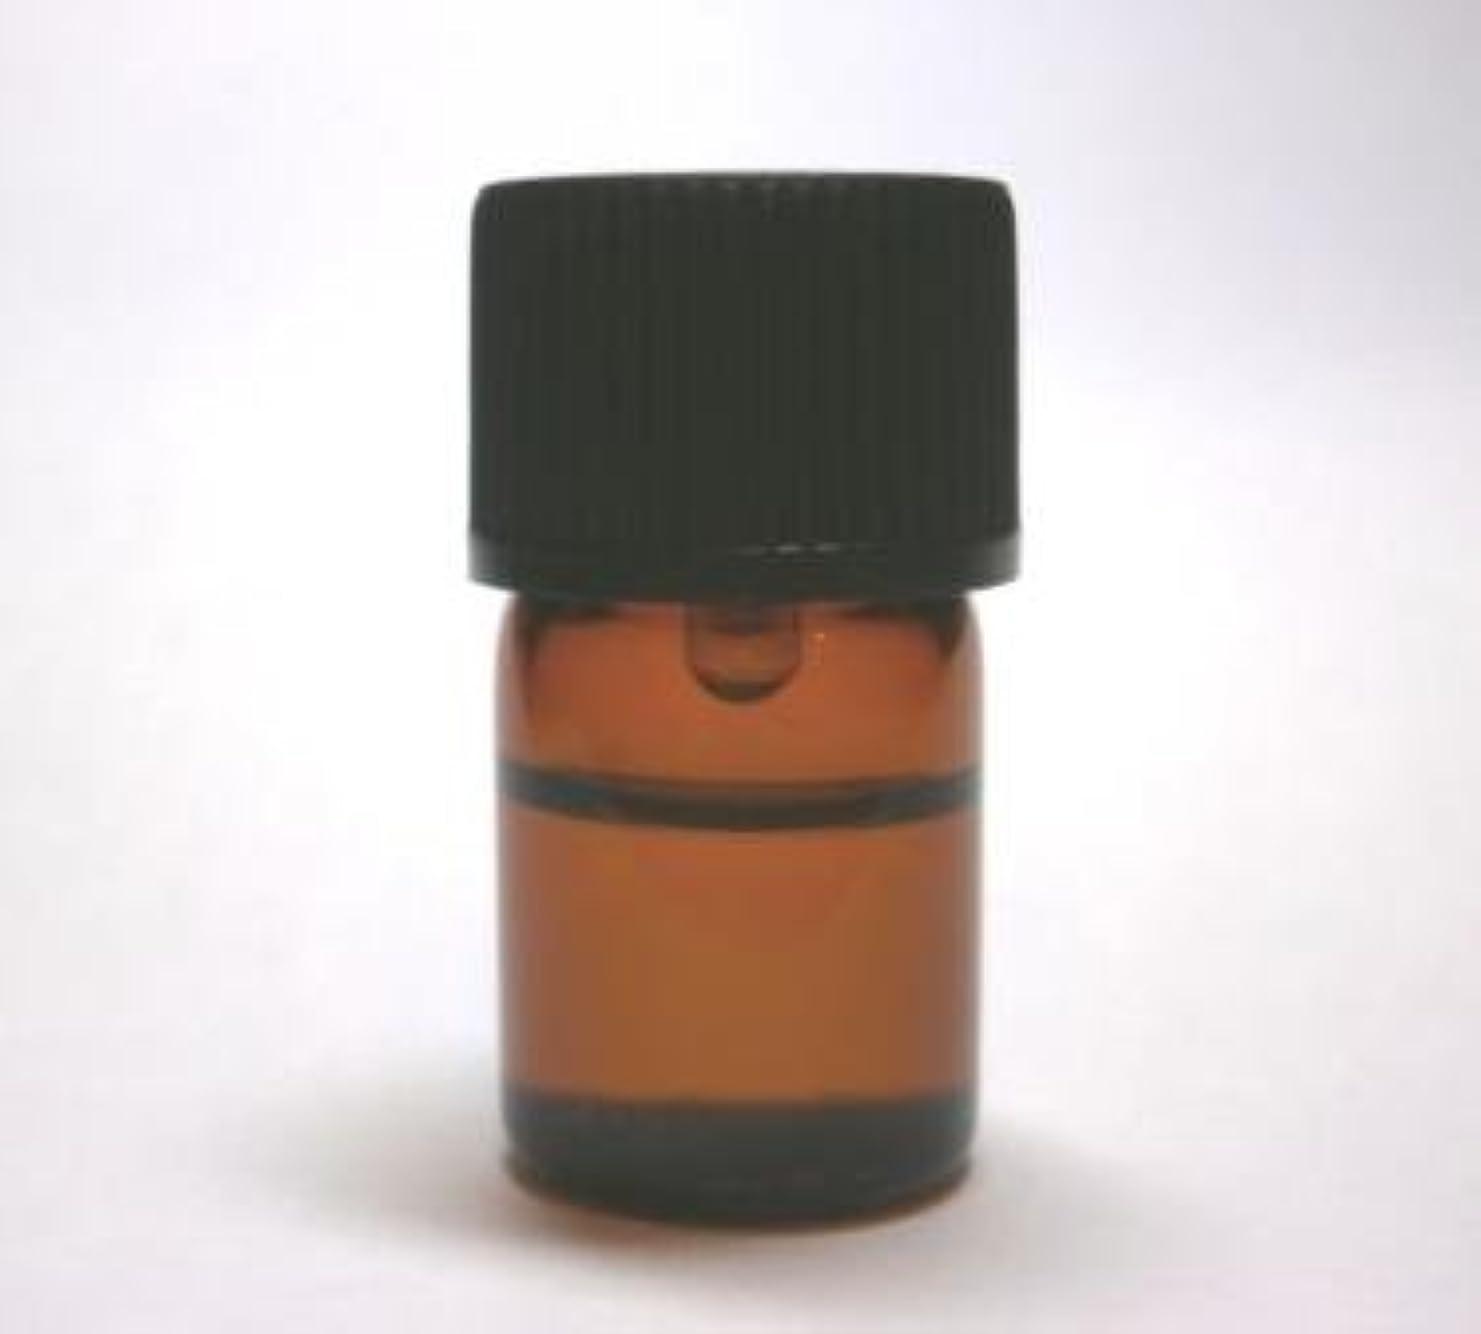 炭素ワークショップ仲介者ローズabsアブソリュート100%:3ml /ローズエッセンシャルオイル/ローズ精油/ローズオイル